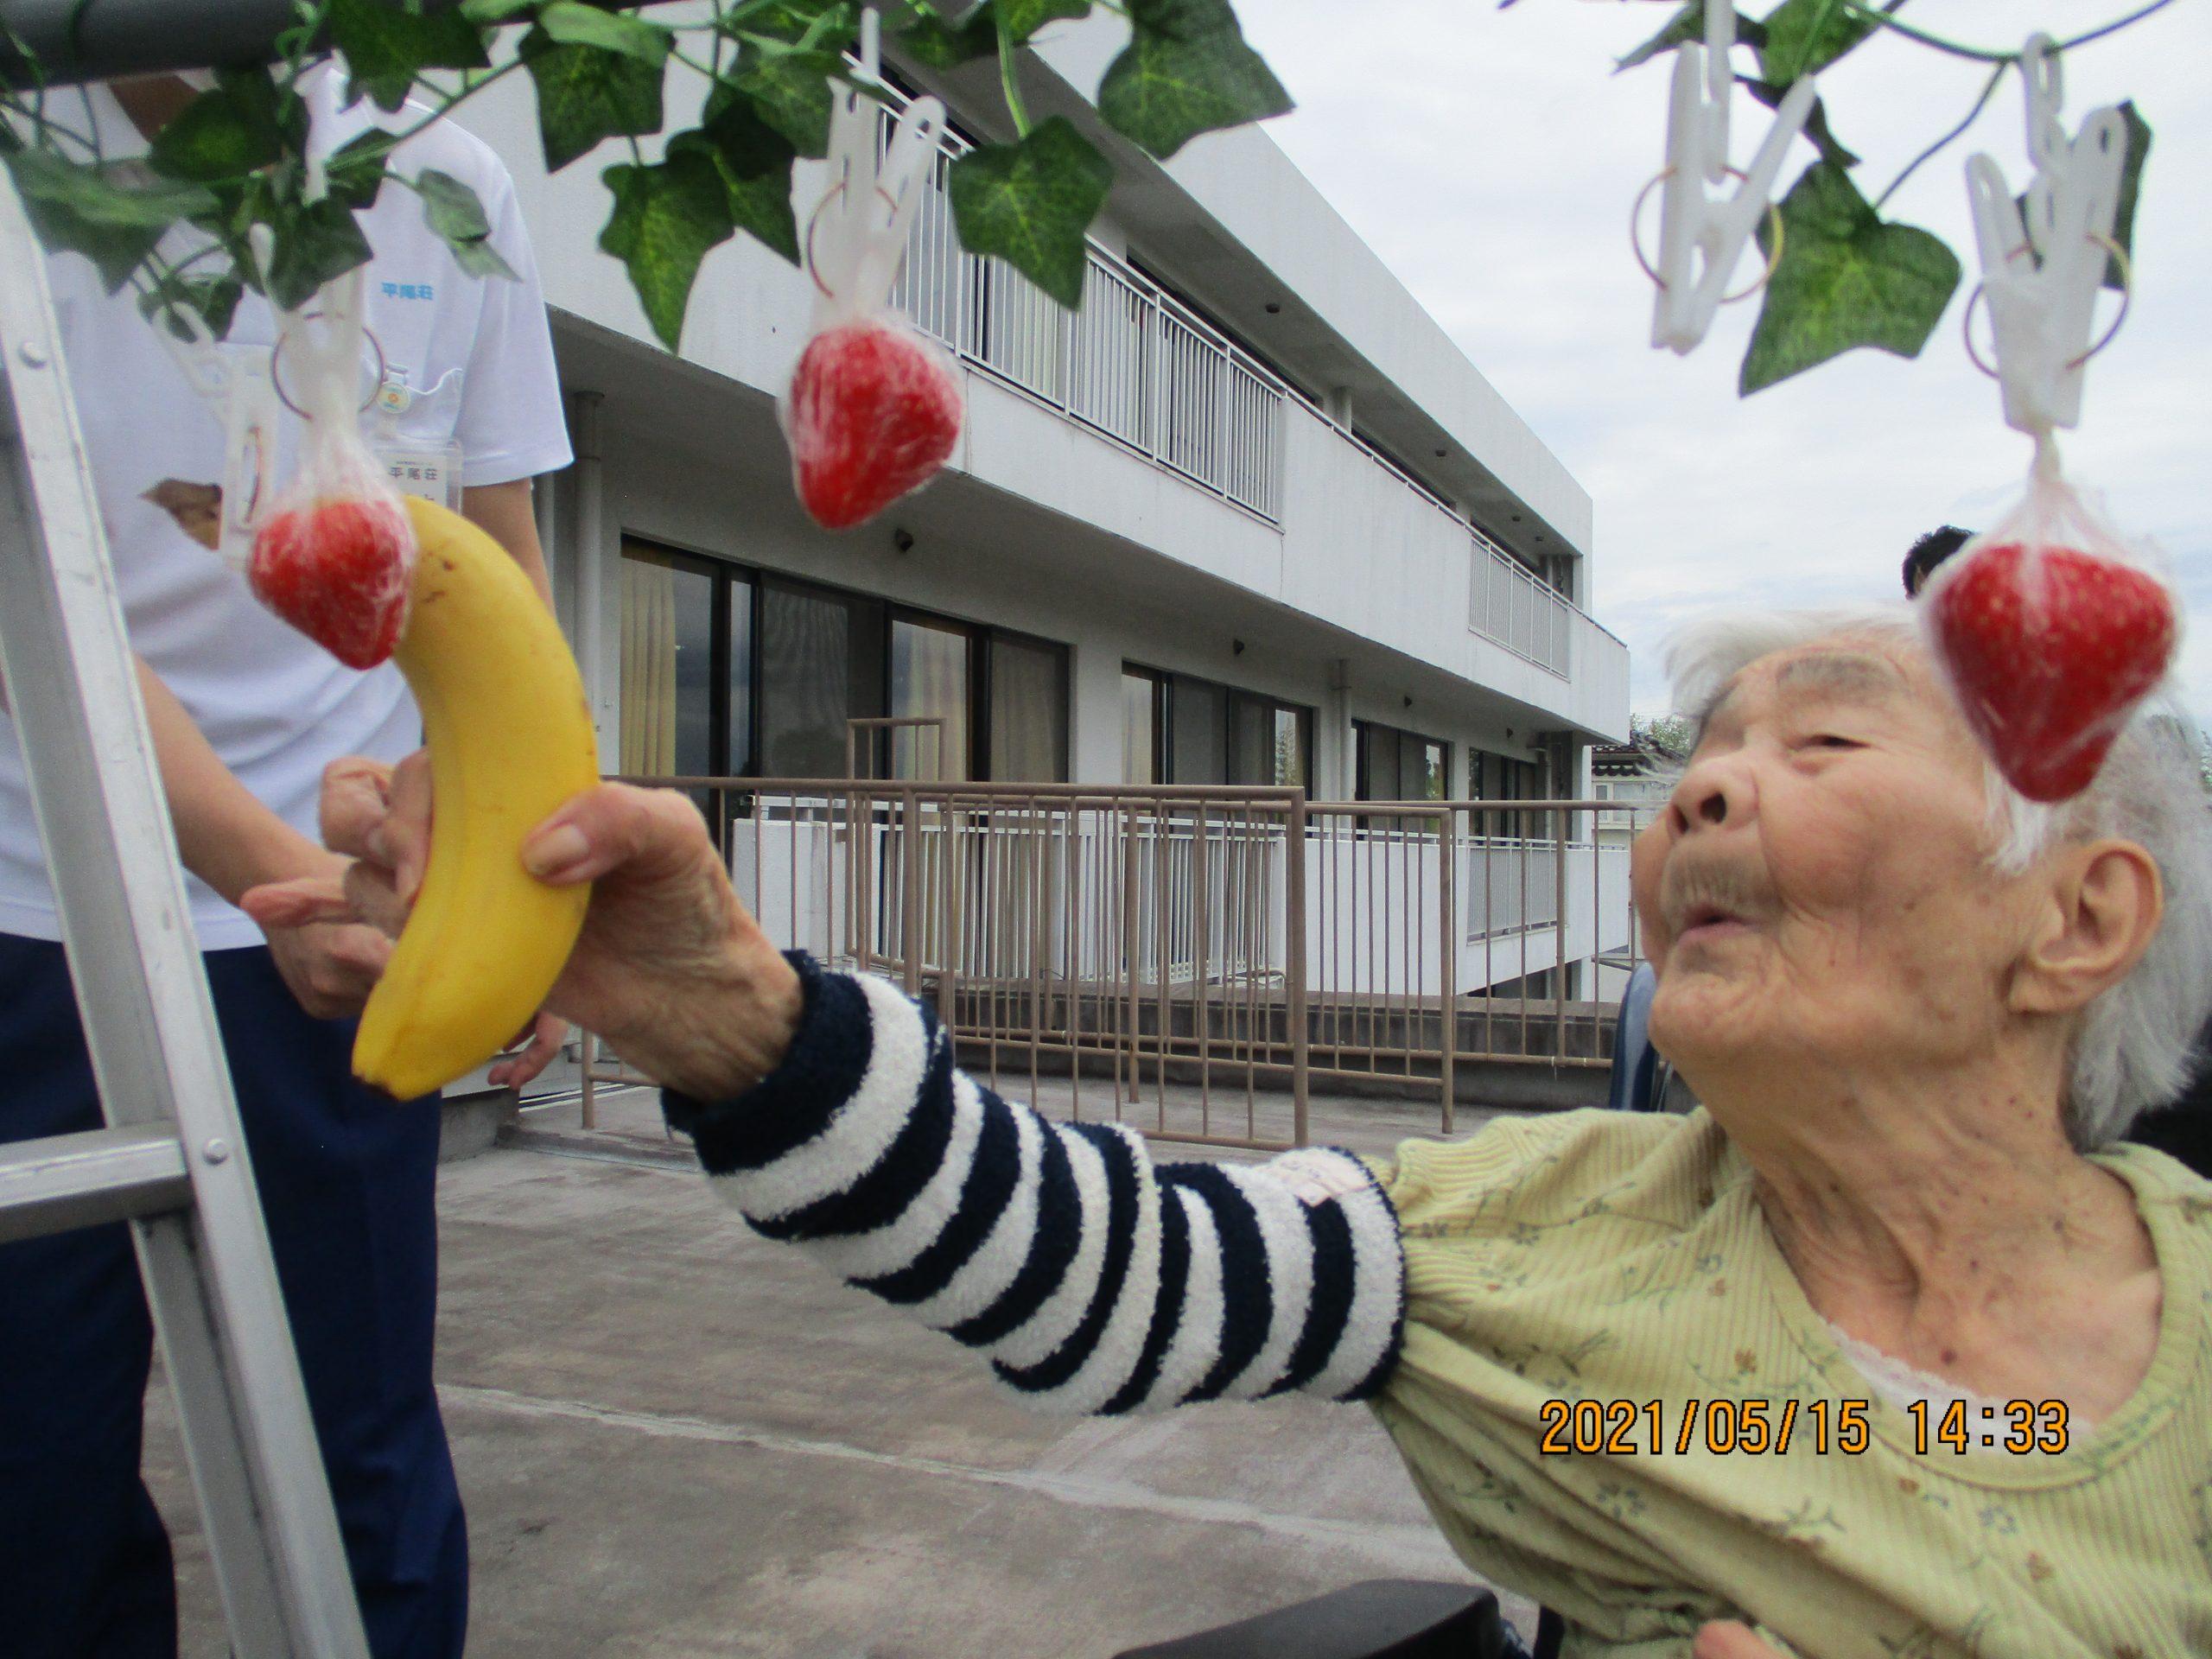 大きさ的にも取りやすいのかバナナが人気でした(笑)